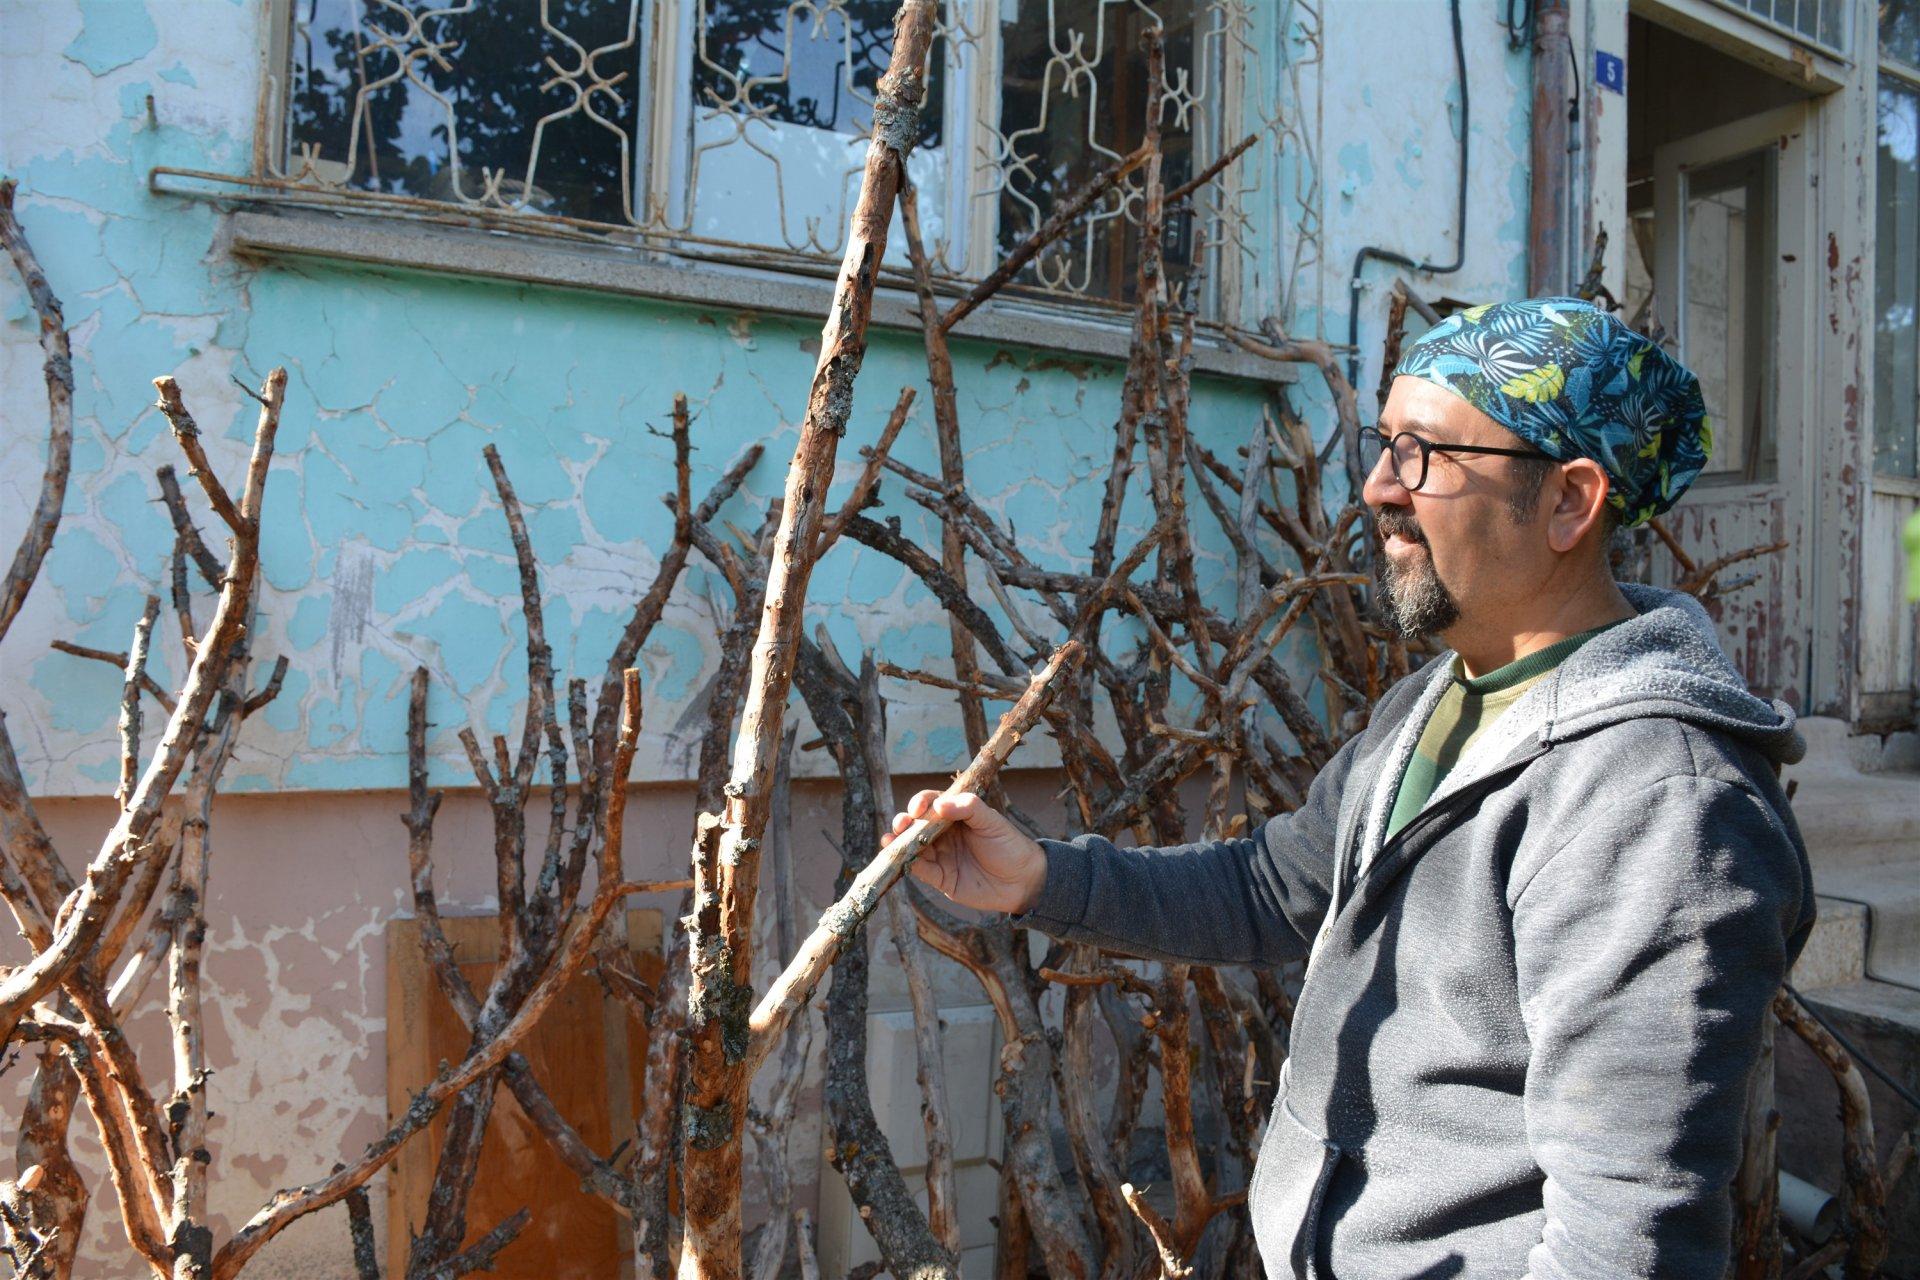 İstanbulda işçiydi, memleketine döndü, şimdi eski ahşaplardan harikalar üretiyor